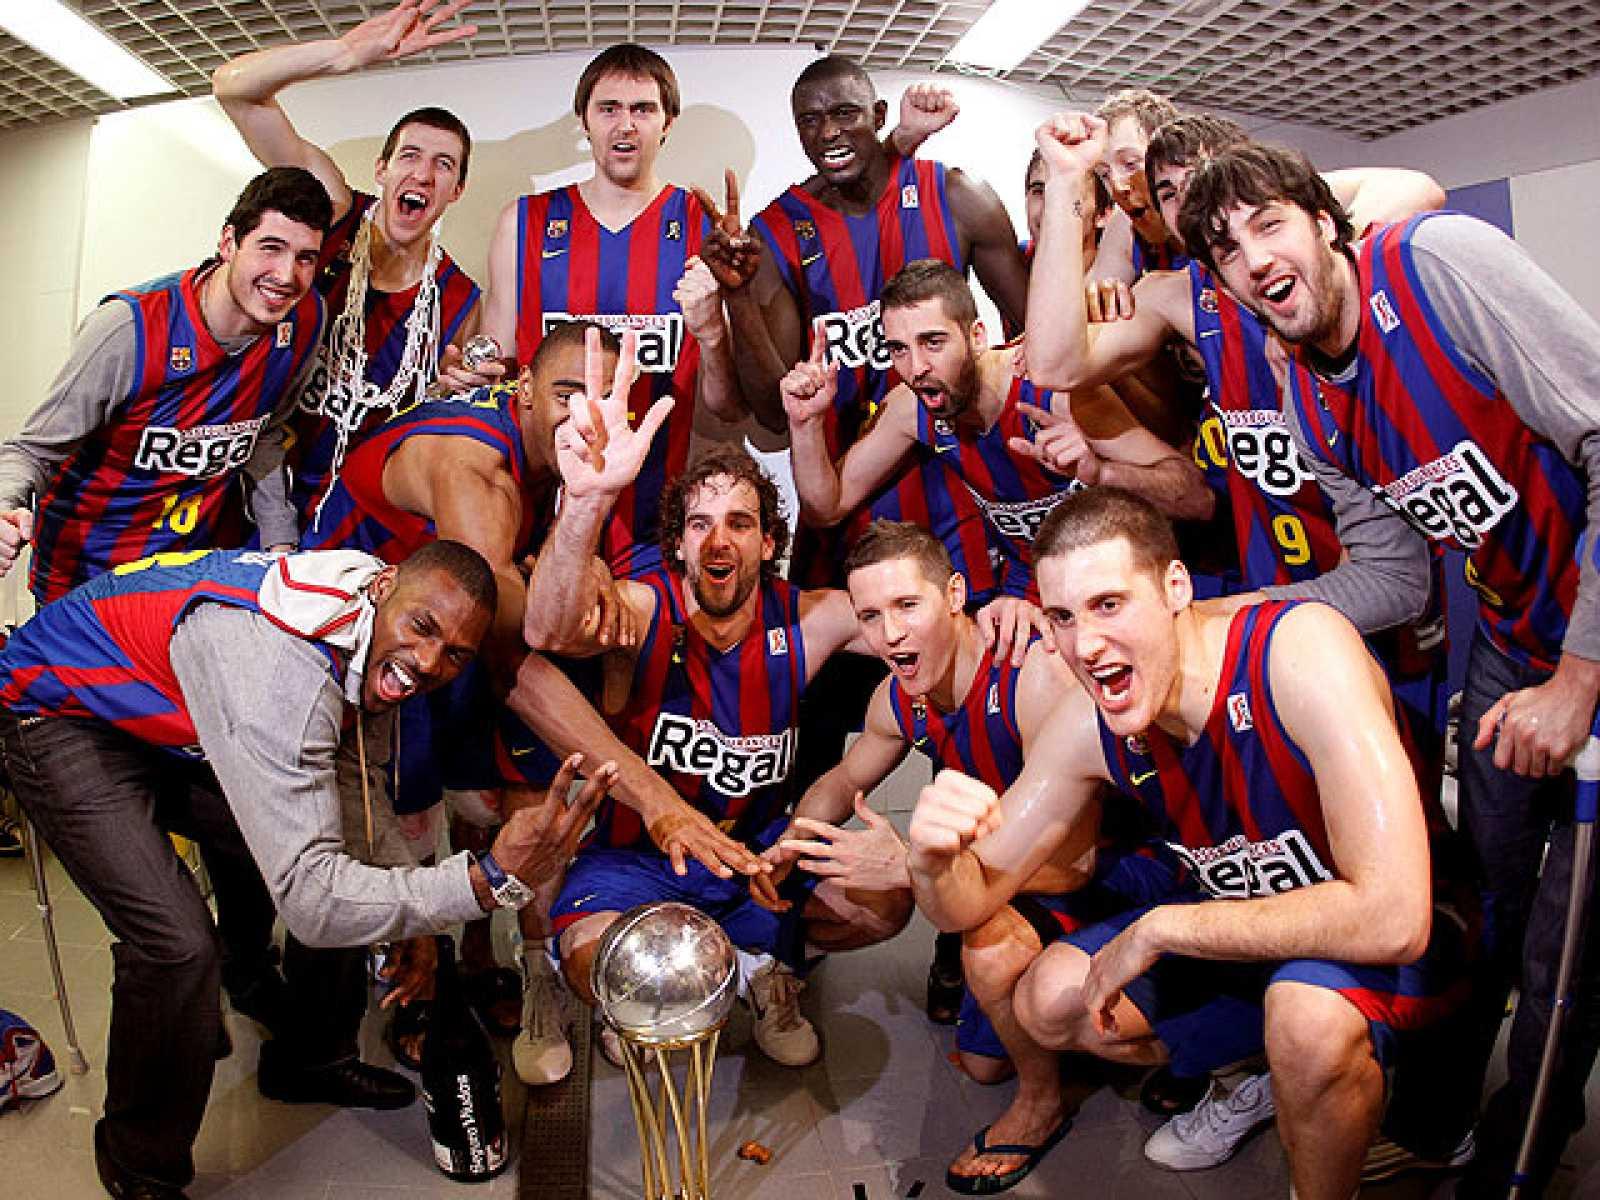 El Regal Barcelona ha conseguido su segunda Copa del Rey consecutiva después de imponerse al Real Madrid por 60-68. Así ha celebrado el triunfo el equipo de Xavi Pascual